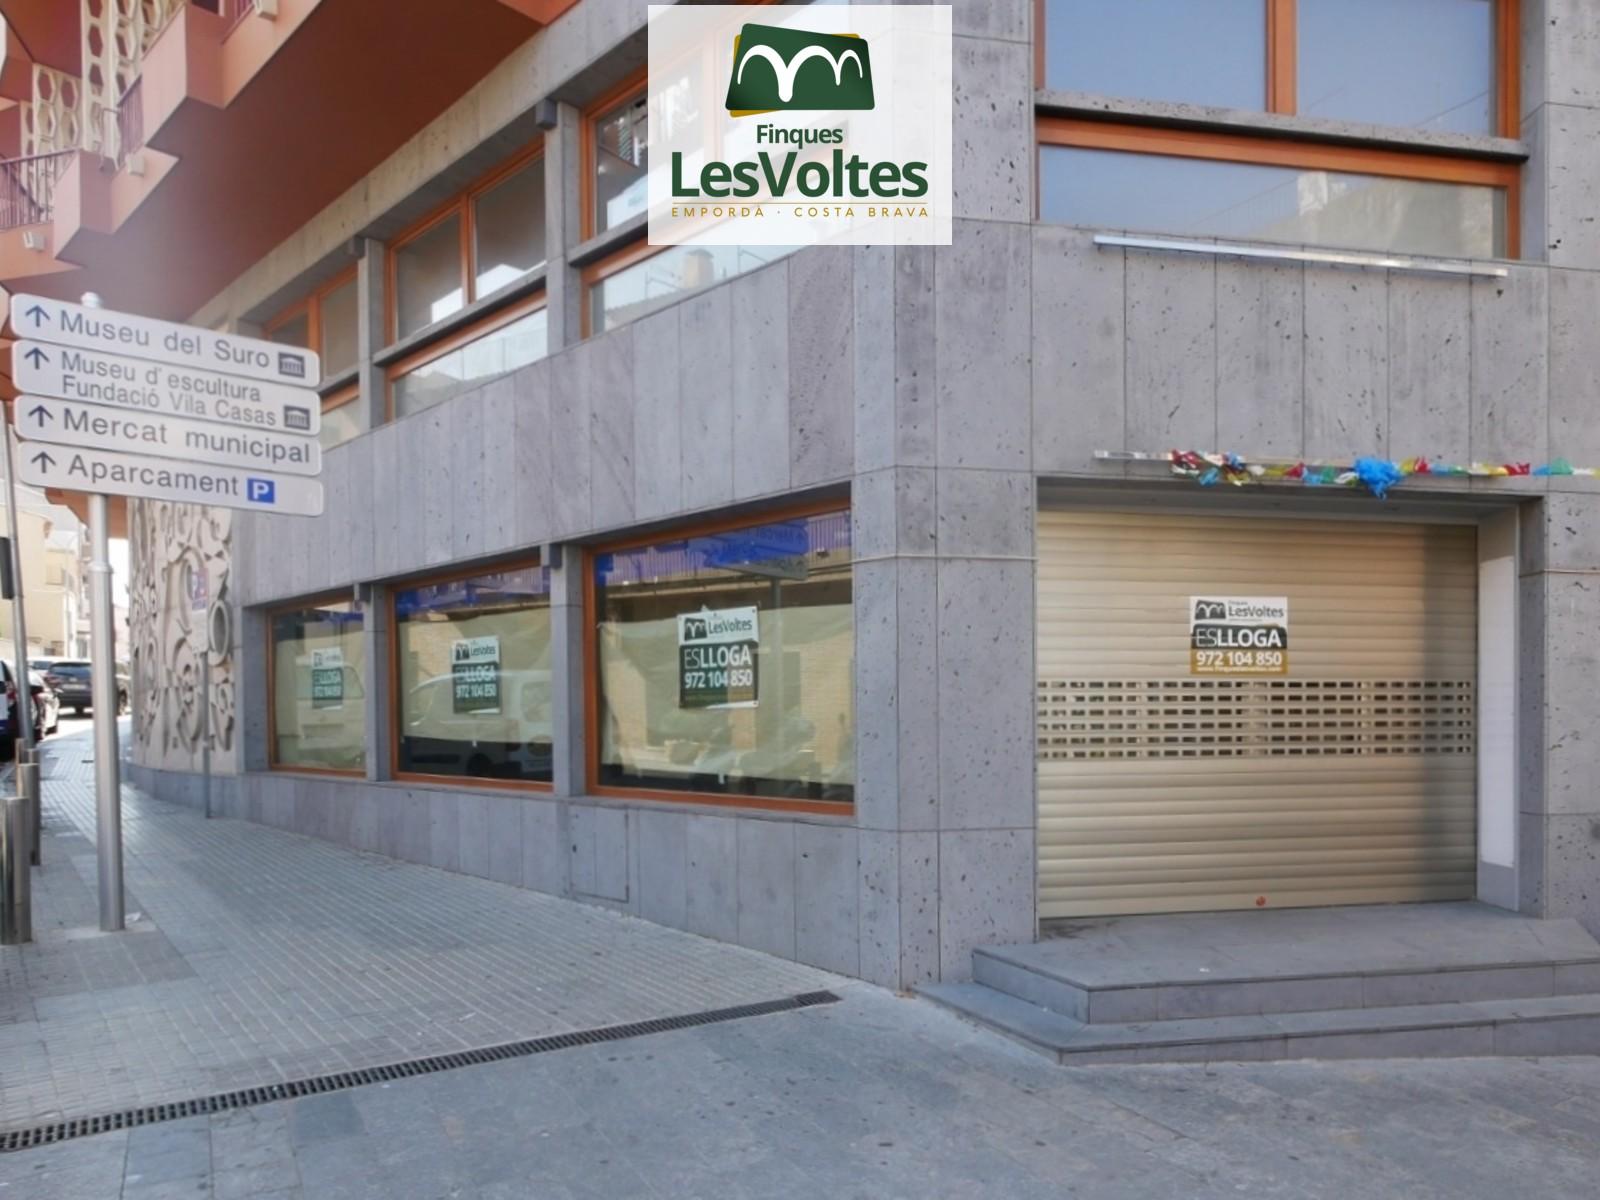 GRAN LOCAL COMERCIAL AMB ENCANT DE LLOGUER AL CENTRE DE PALAFRUGELL.